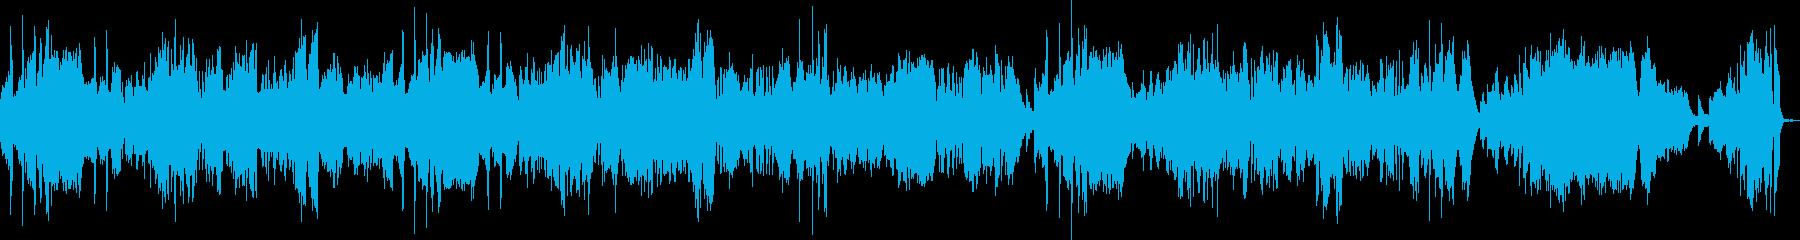 月光3楽章(ピアノソロ)の再生済みの波形